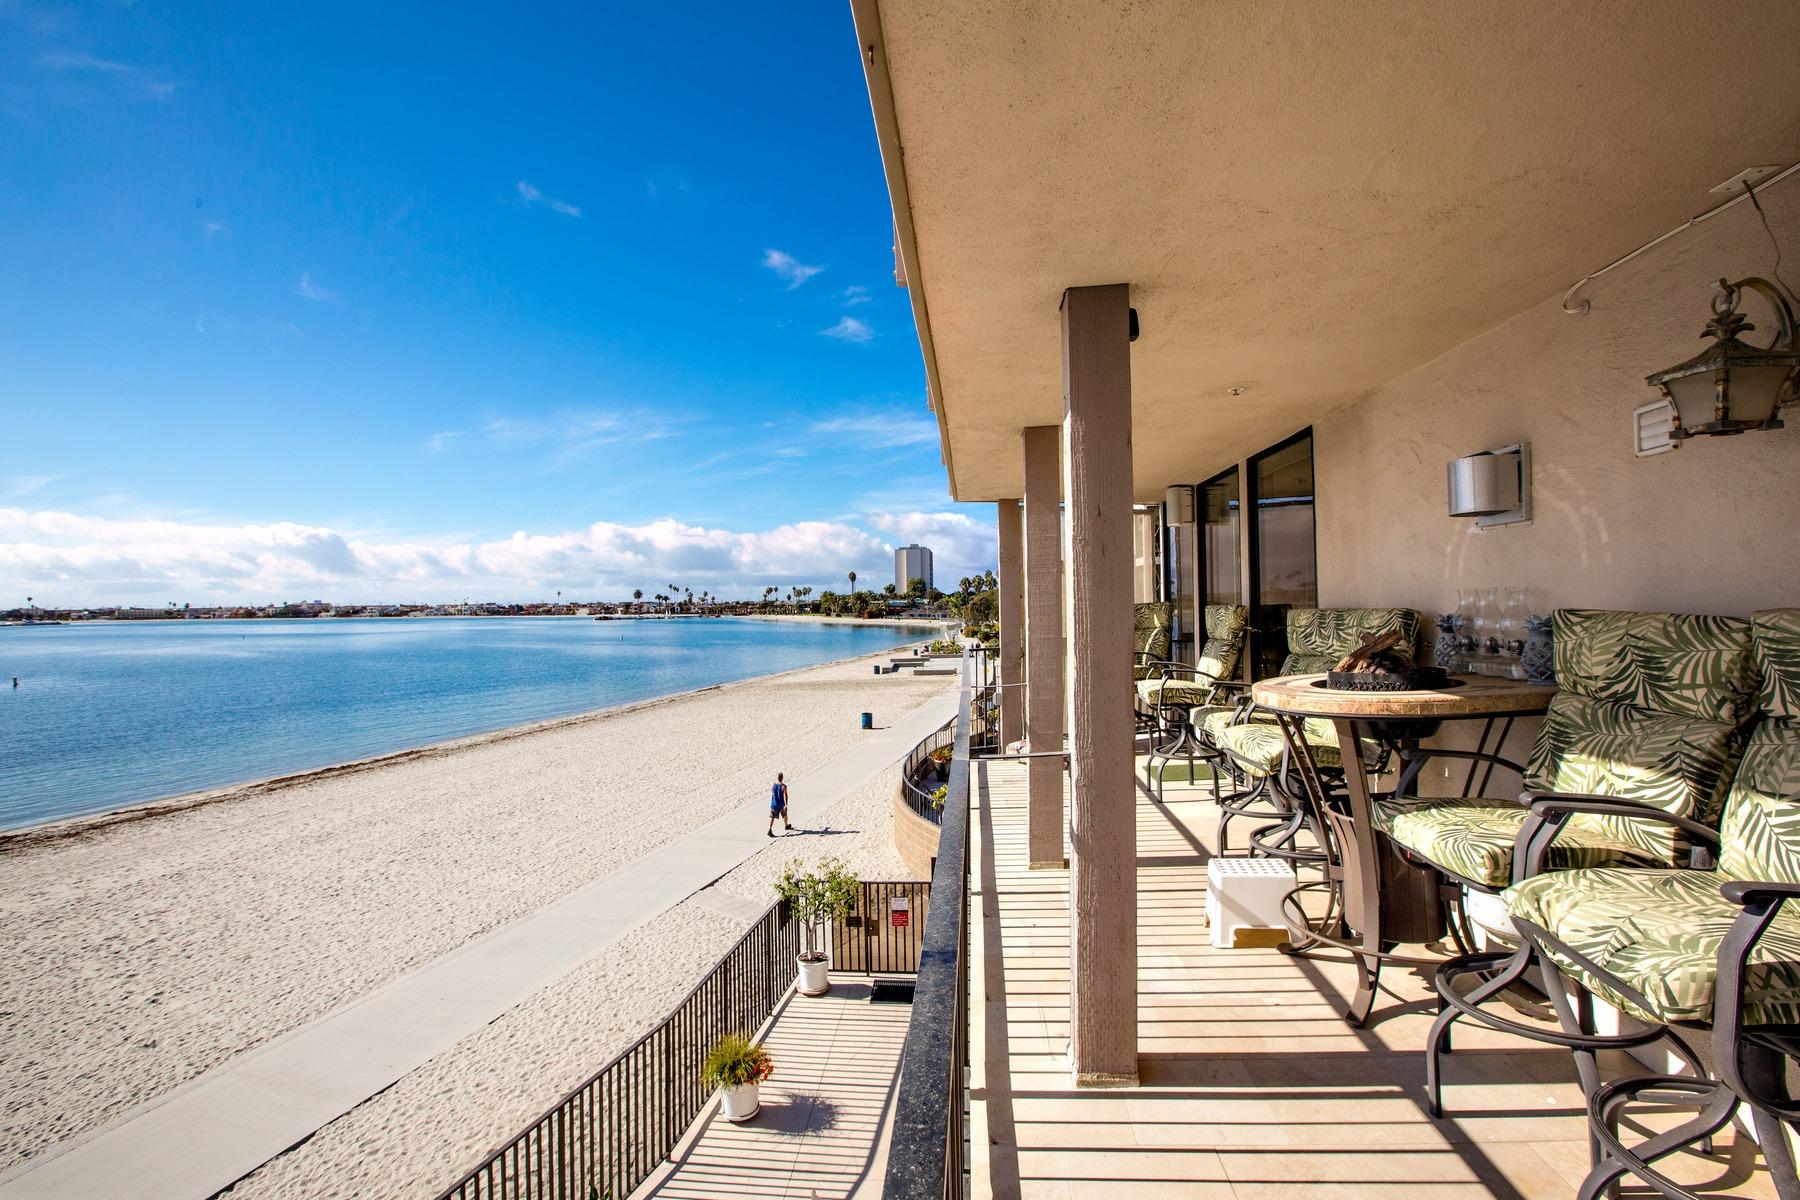 Casa Unifamiliar Adosada por un Venta en Pacific Beach Drive 1145 Pacific Beach Drive 209 San Diego, California 92109 Estados Unidos